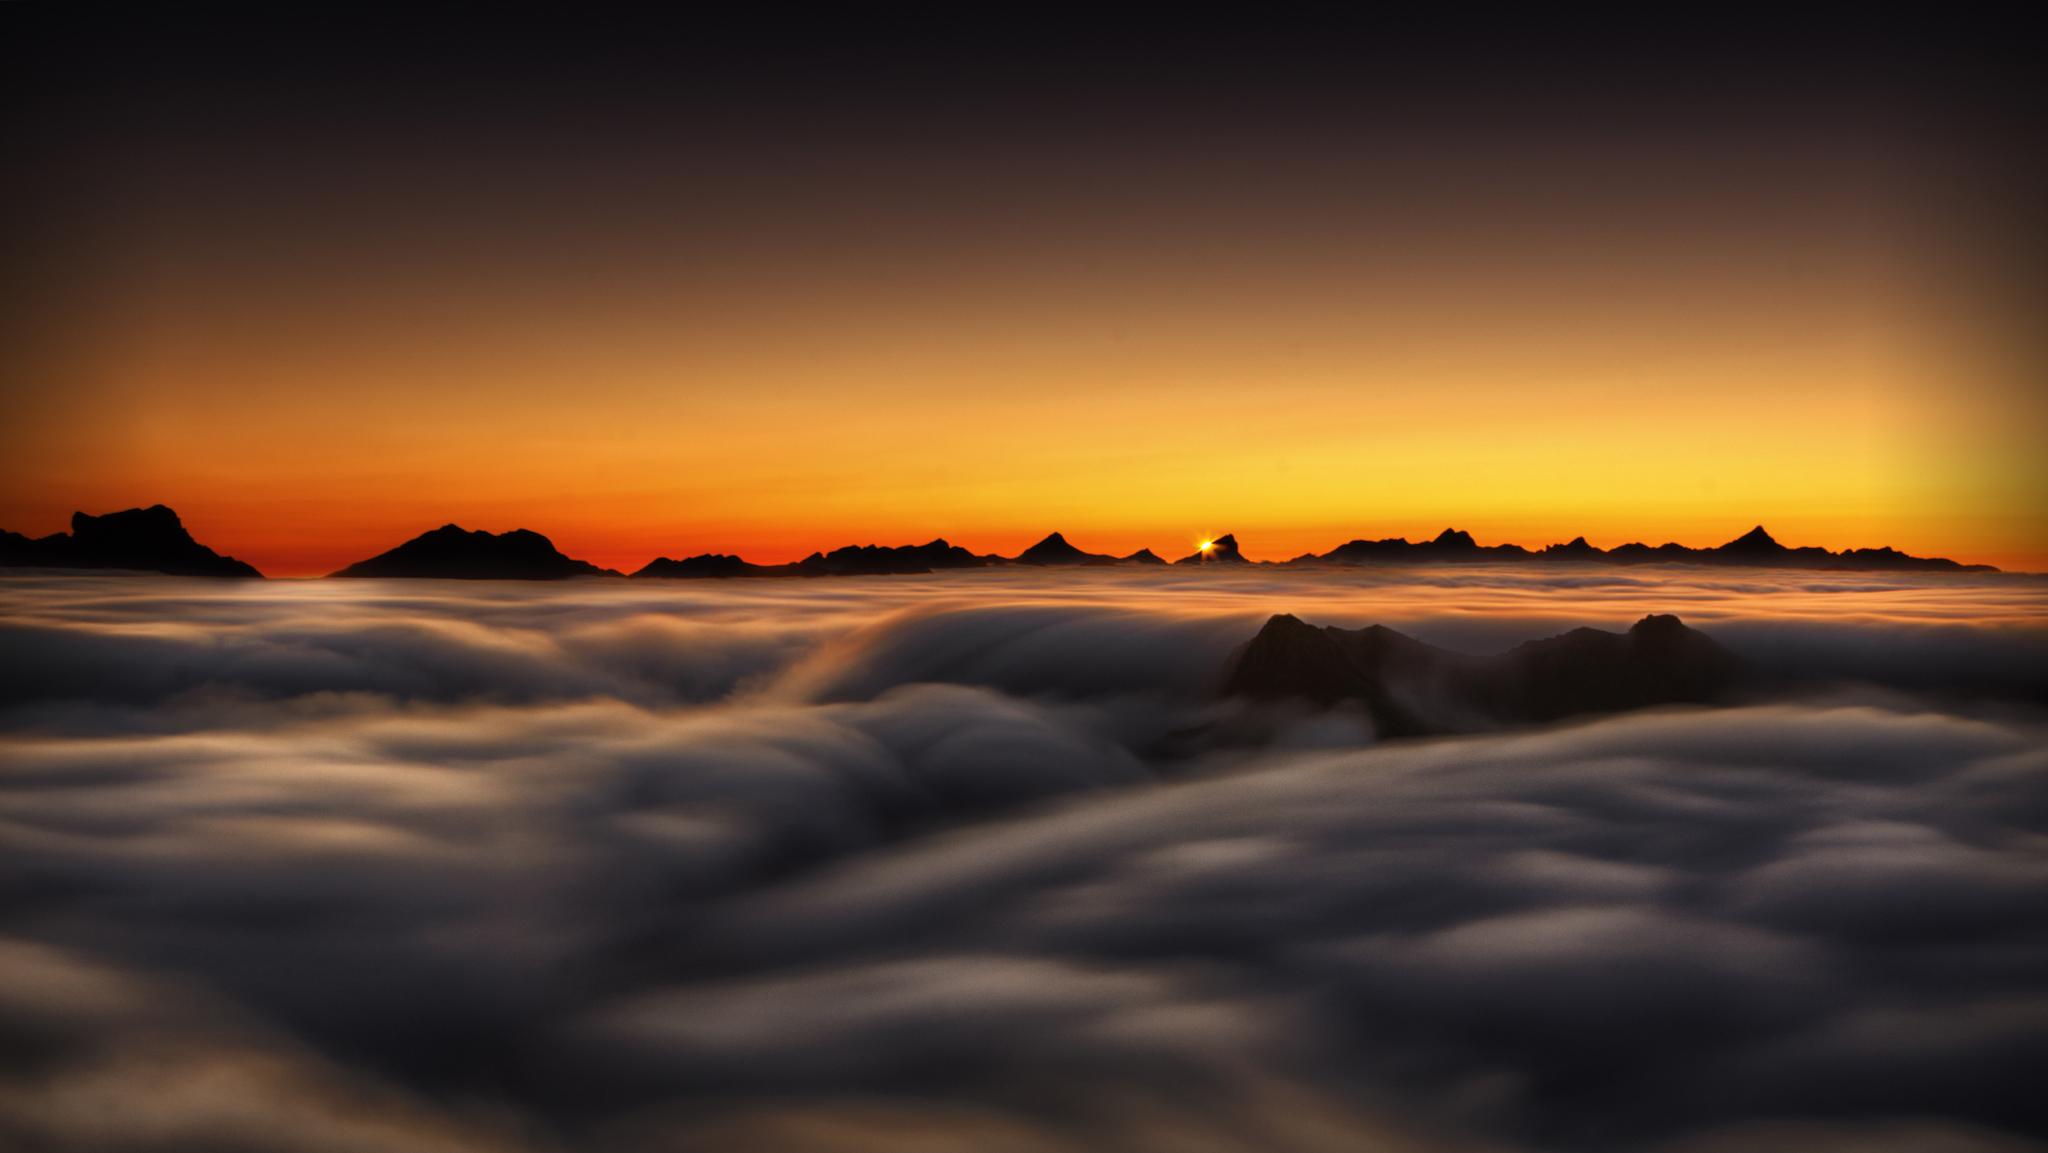 Mar de nubes desde La Raca hacia el Pirineo navarro - Paisajes del valle - Fotos del Valle del Aragón, Mikel Besga